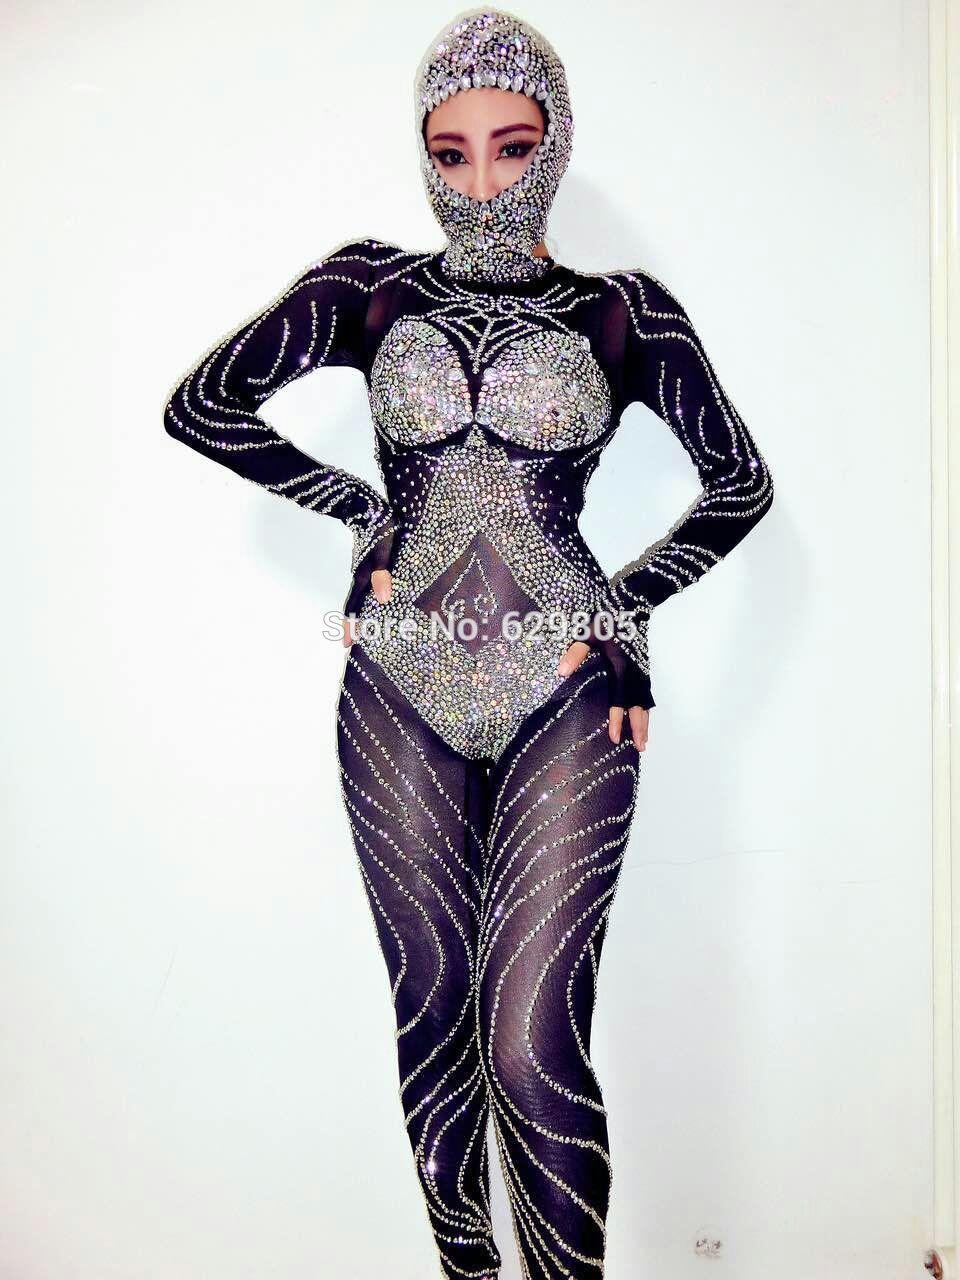 Nouveau Mode Glisten Noir Strass Salopette Clignotant Outfit Brillante Sexy Coiffe Partie Costume Corps Costumes De Danse Usure